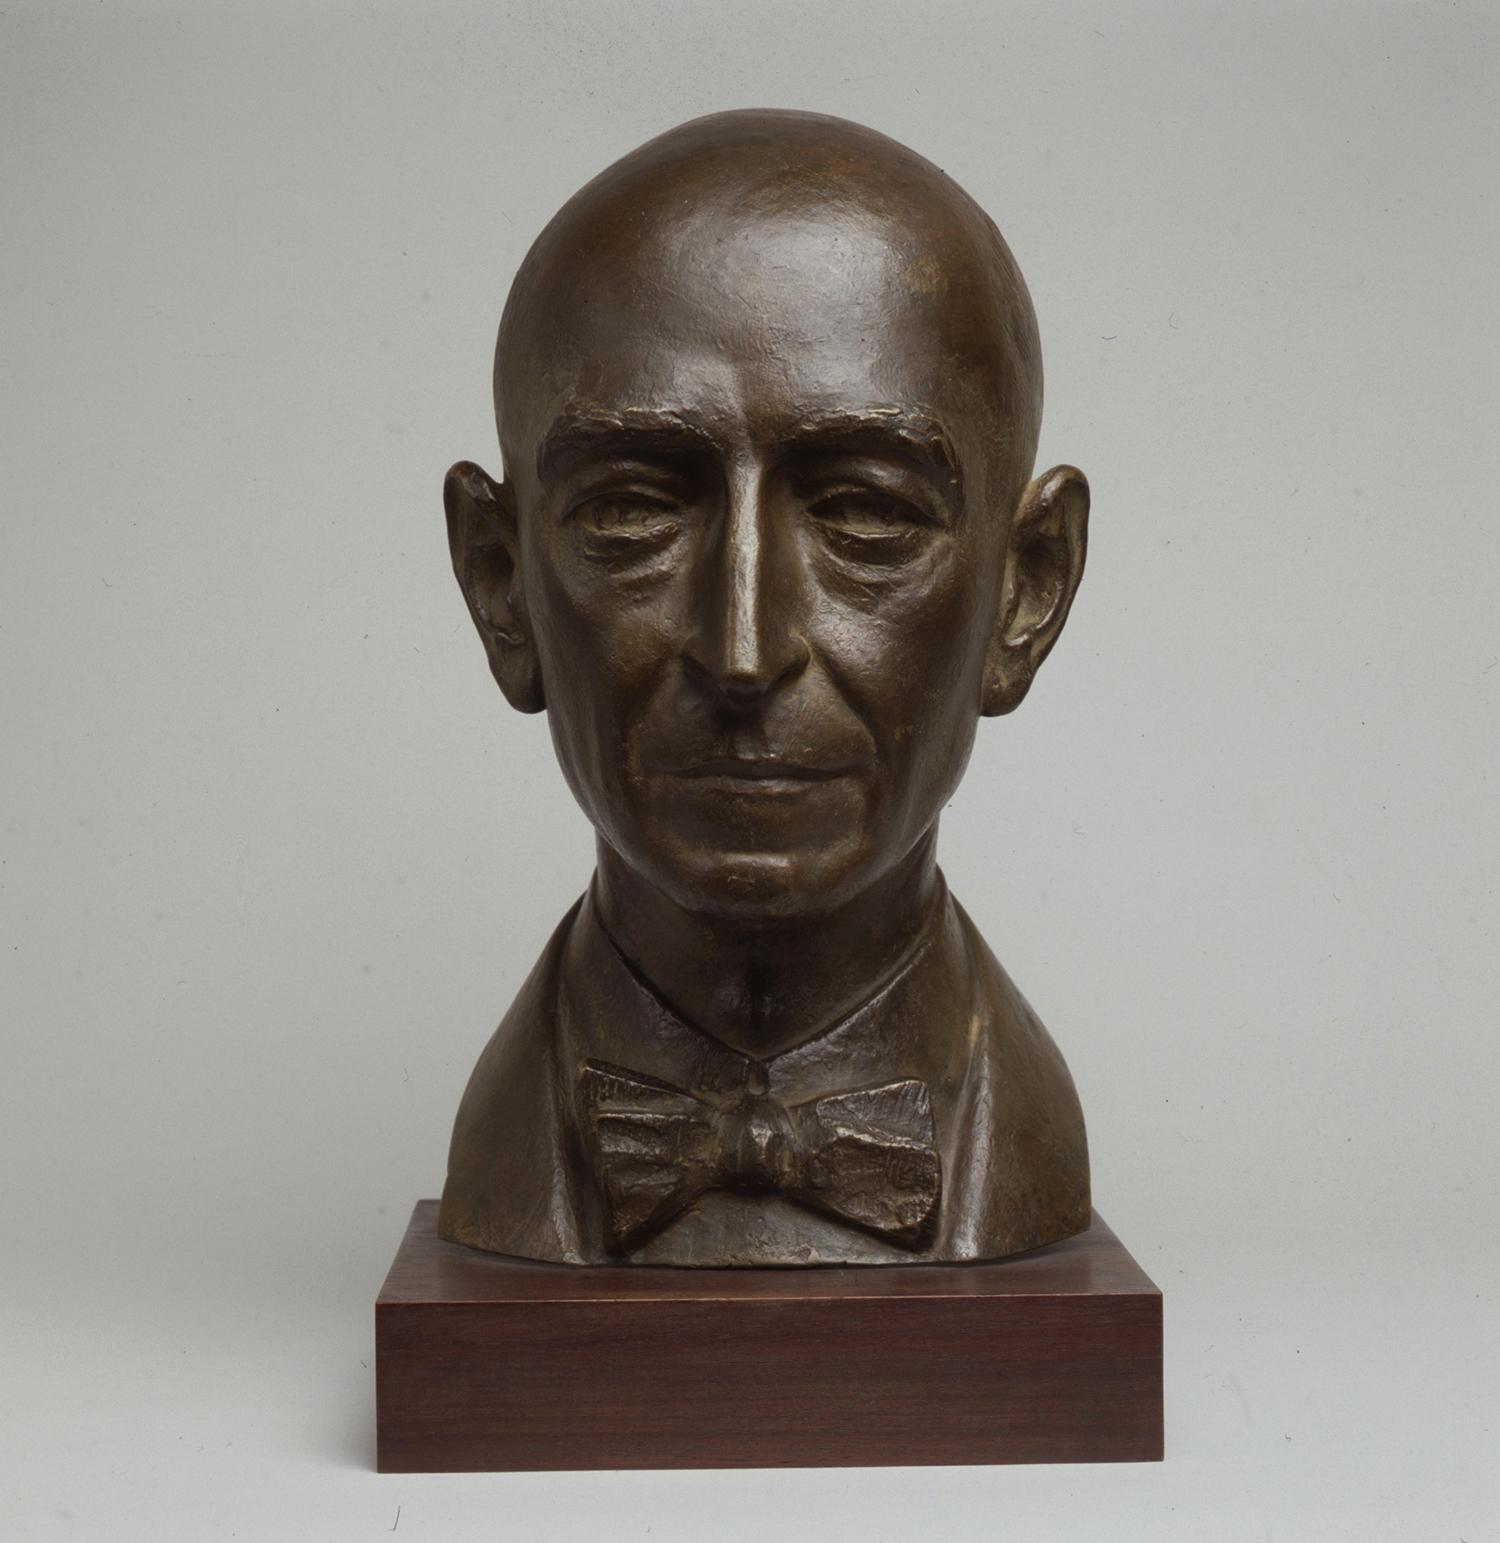 1971.2. Busto del compositor Manuel de Falla, bronce. Escuela Superior de Canto, Madrid. 1971